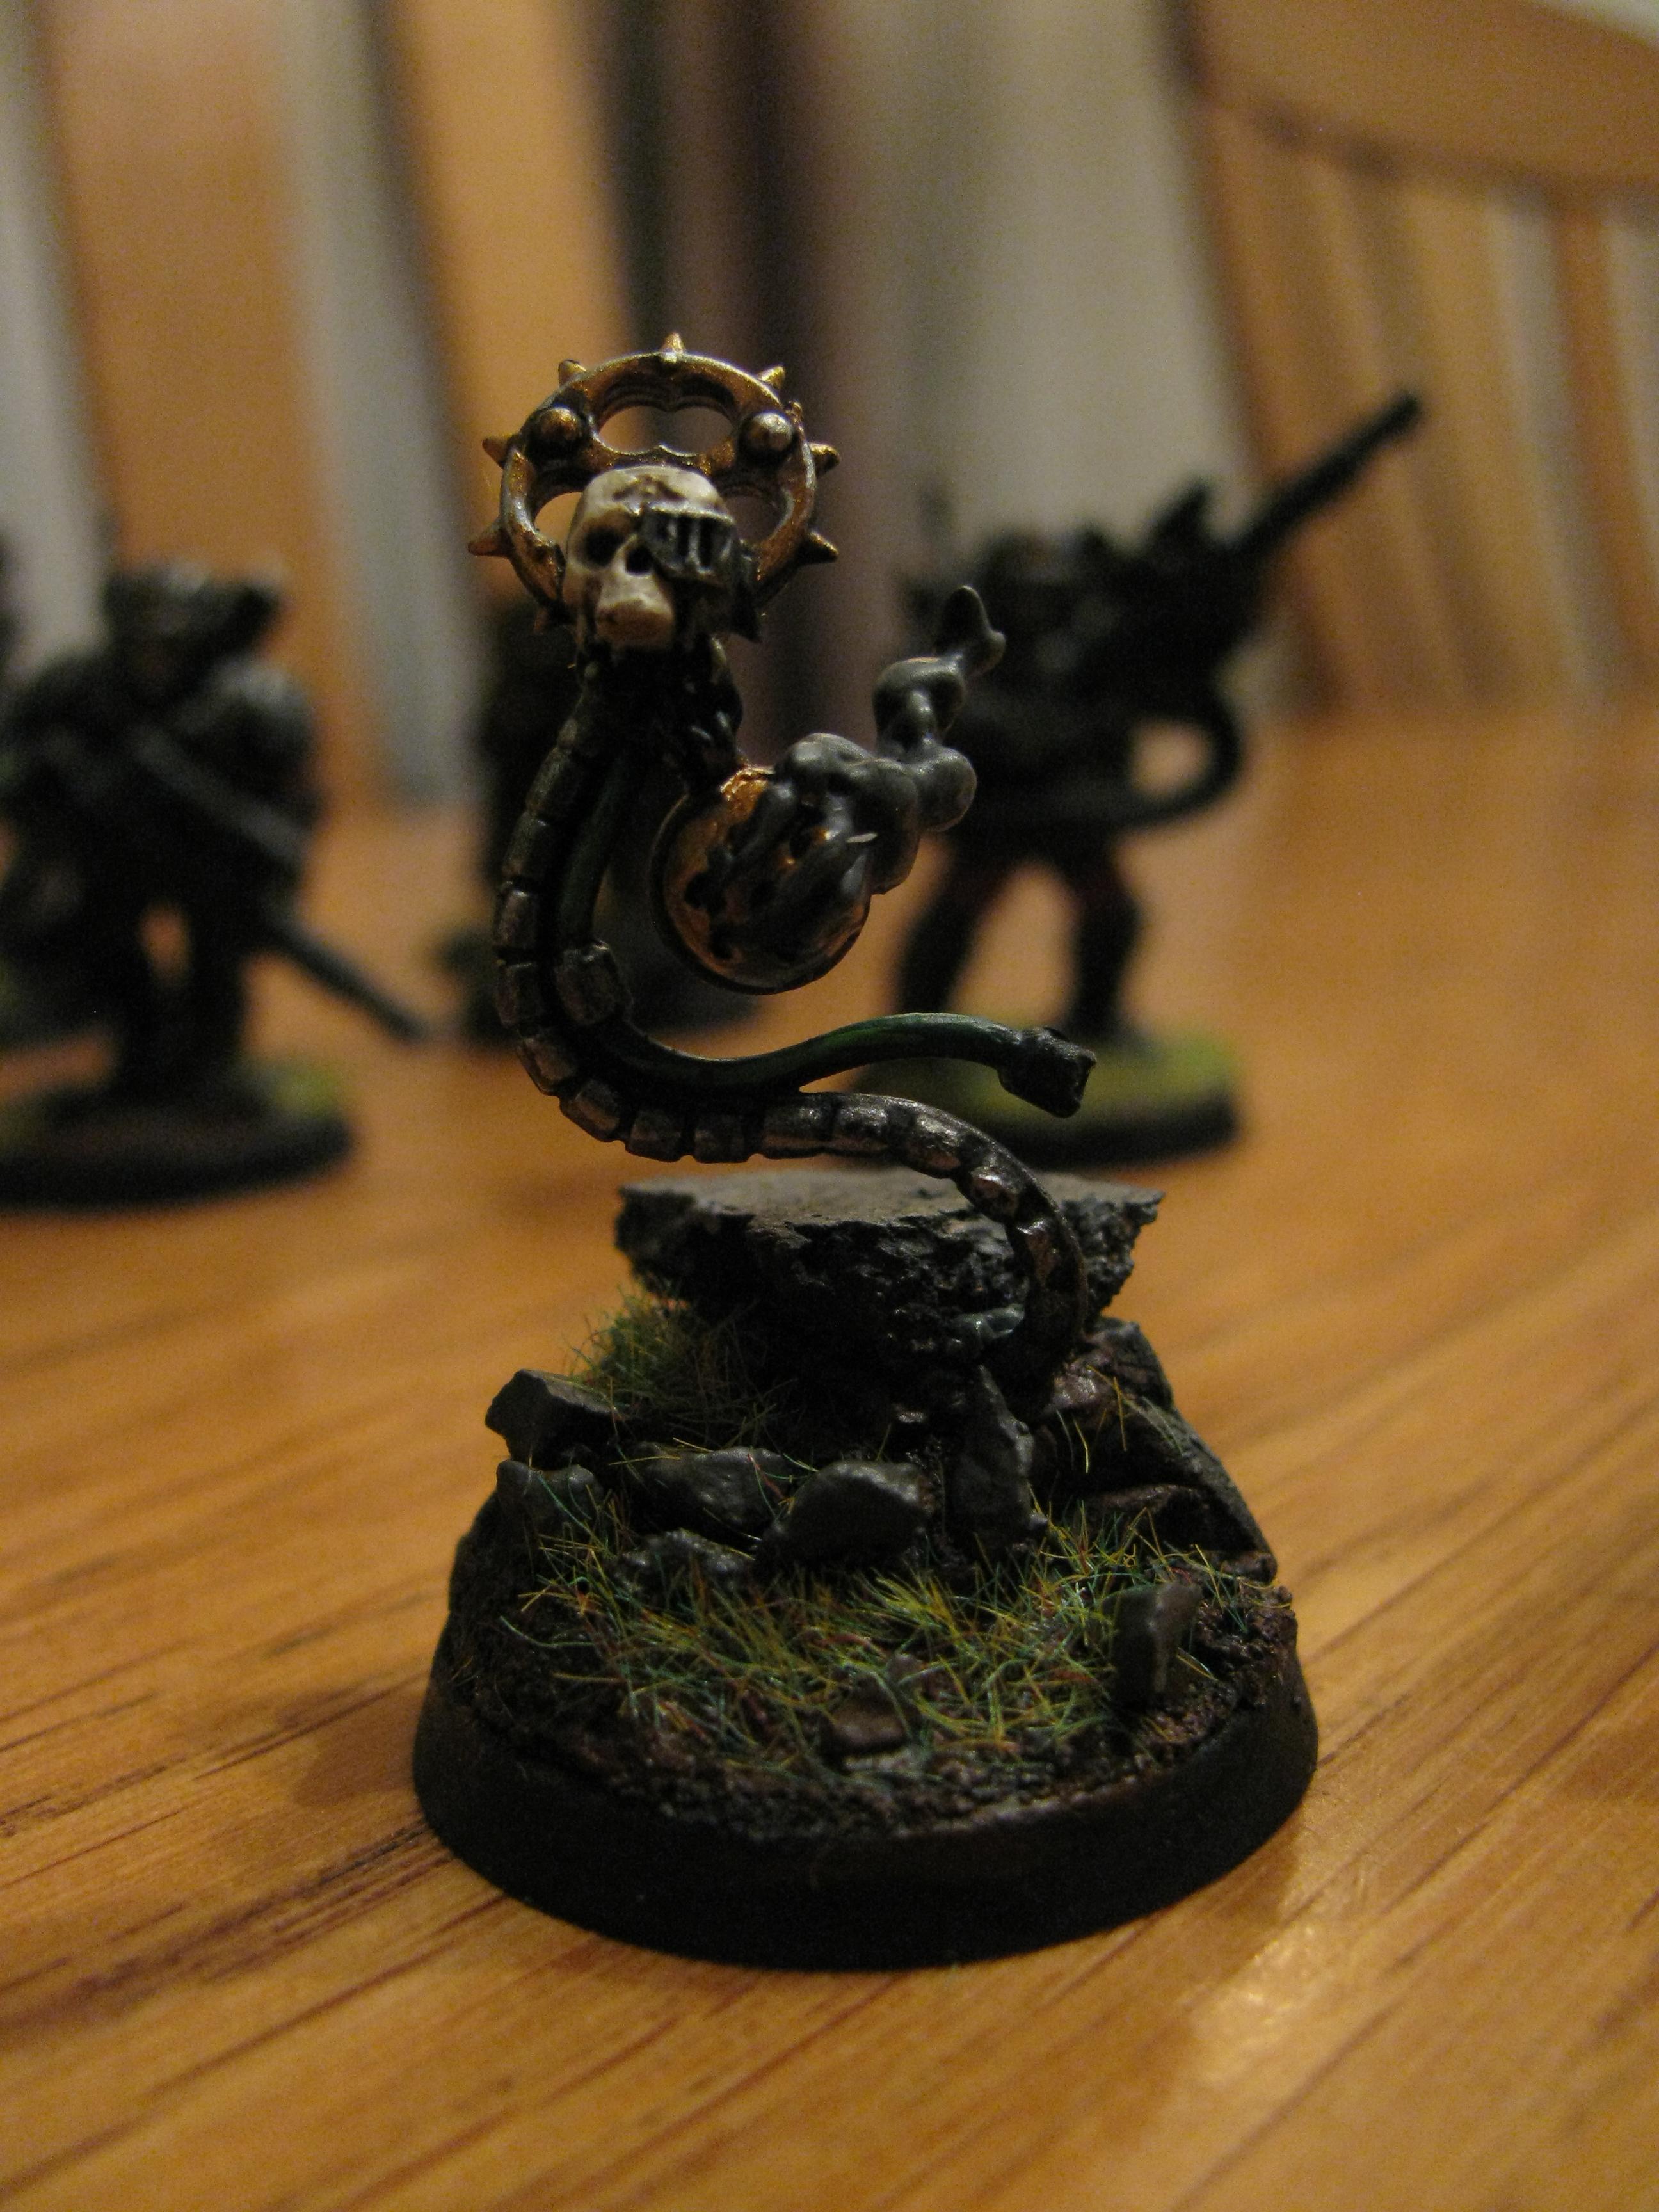 Galactic Partridges, Inquisition, Inquisitor, Ordo Malleus, Servo Skull